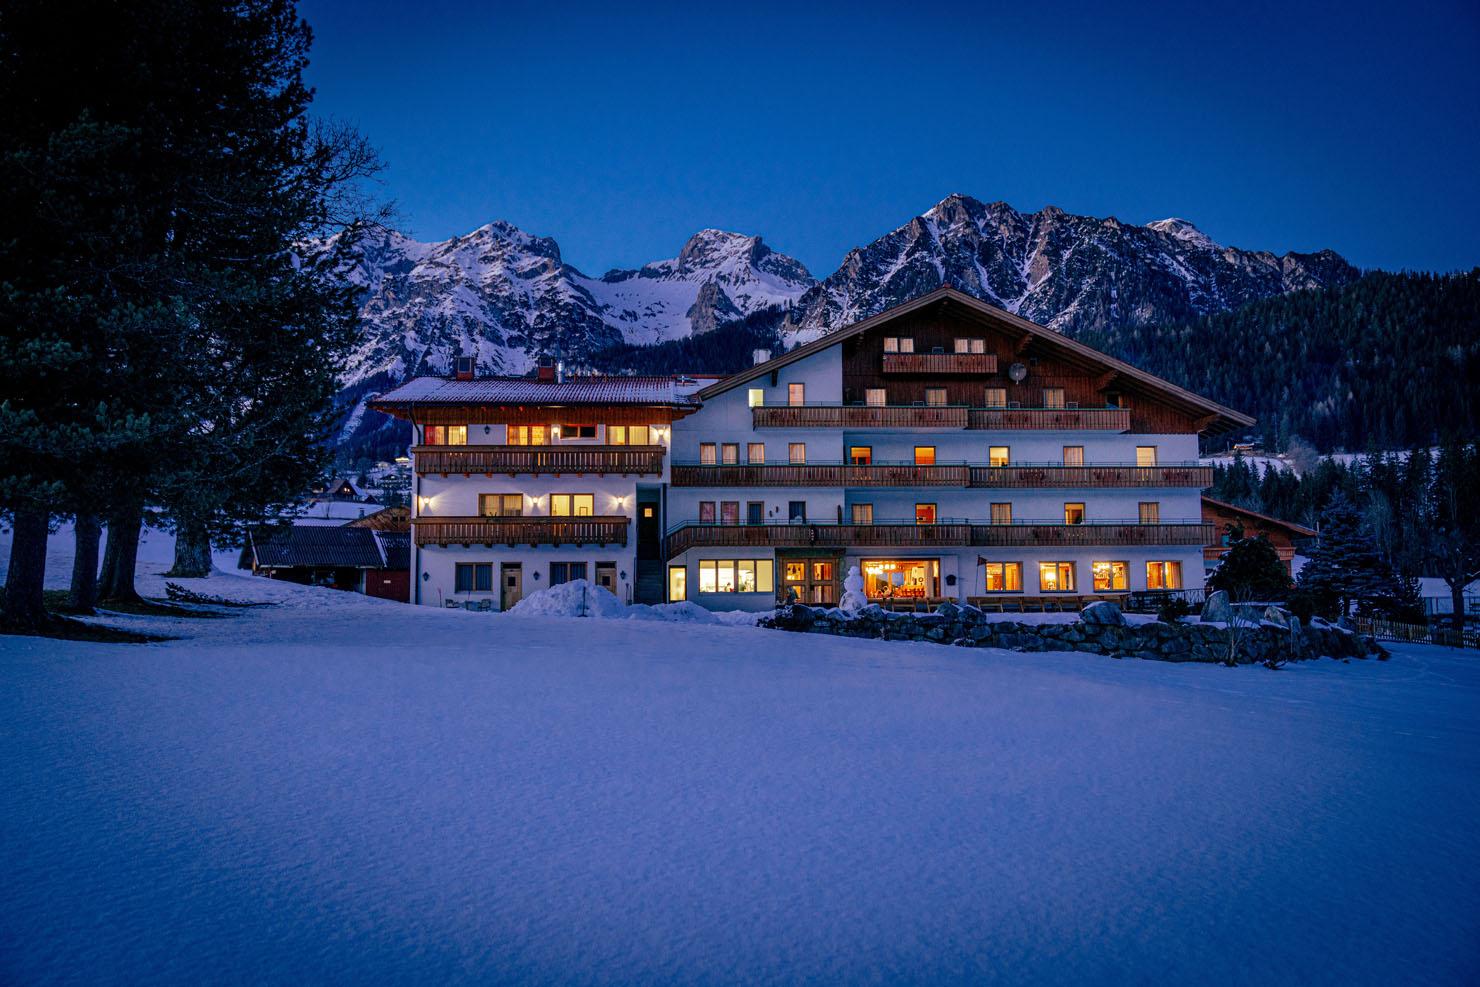 Hotel Kielhuberhof #3